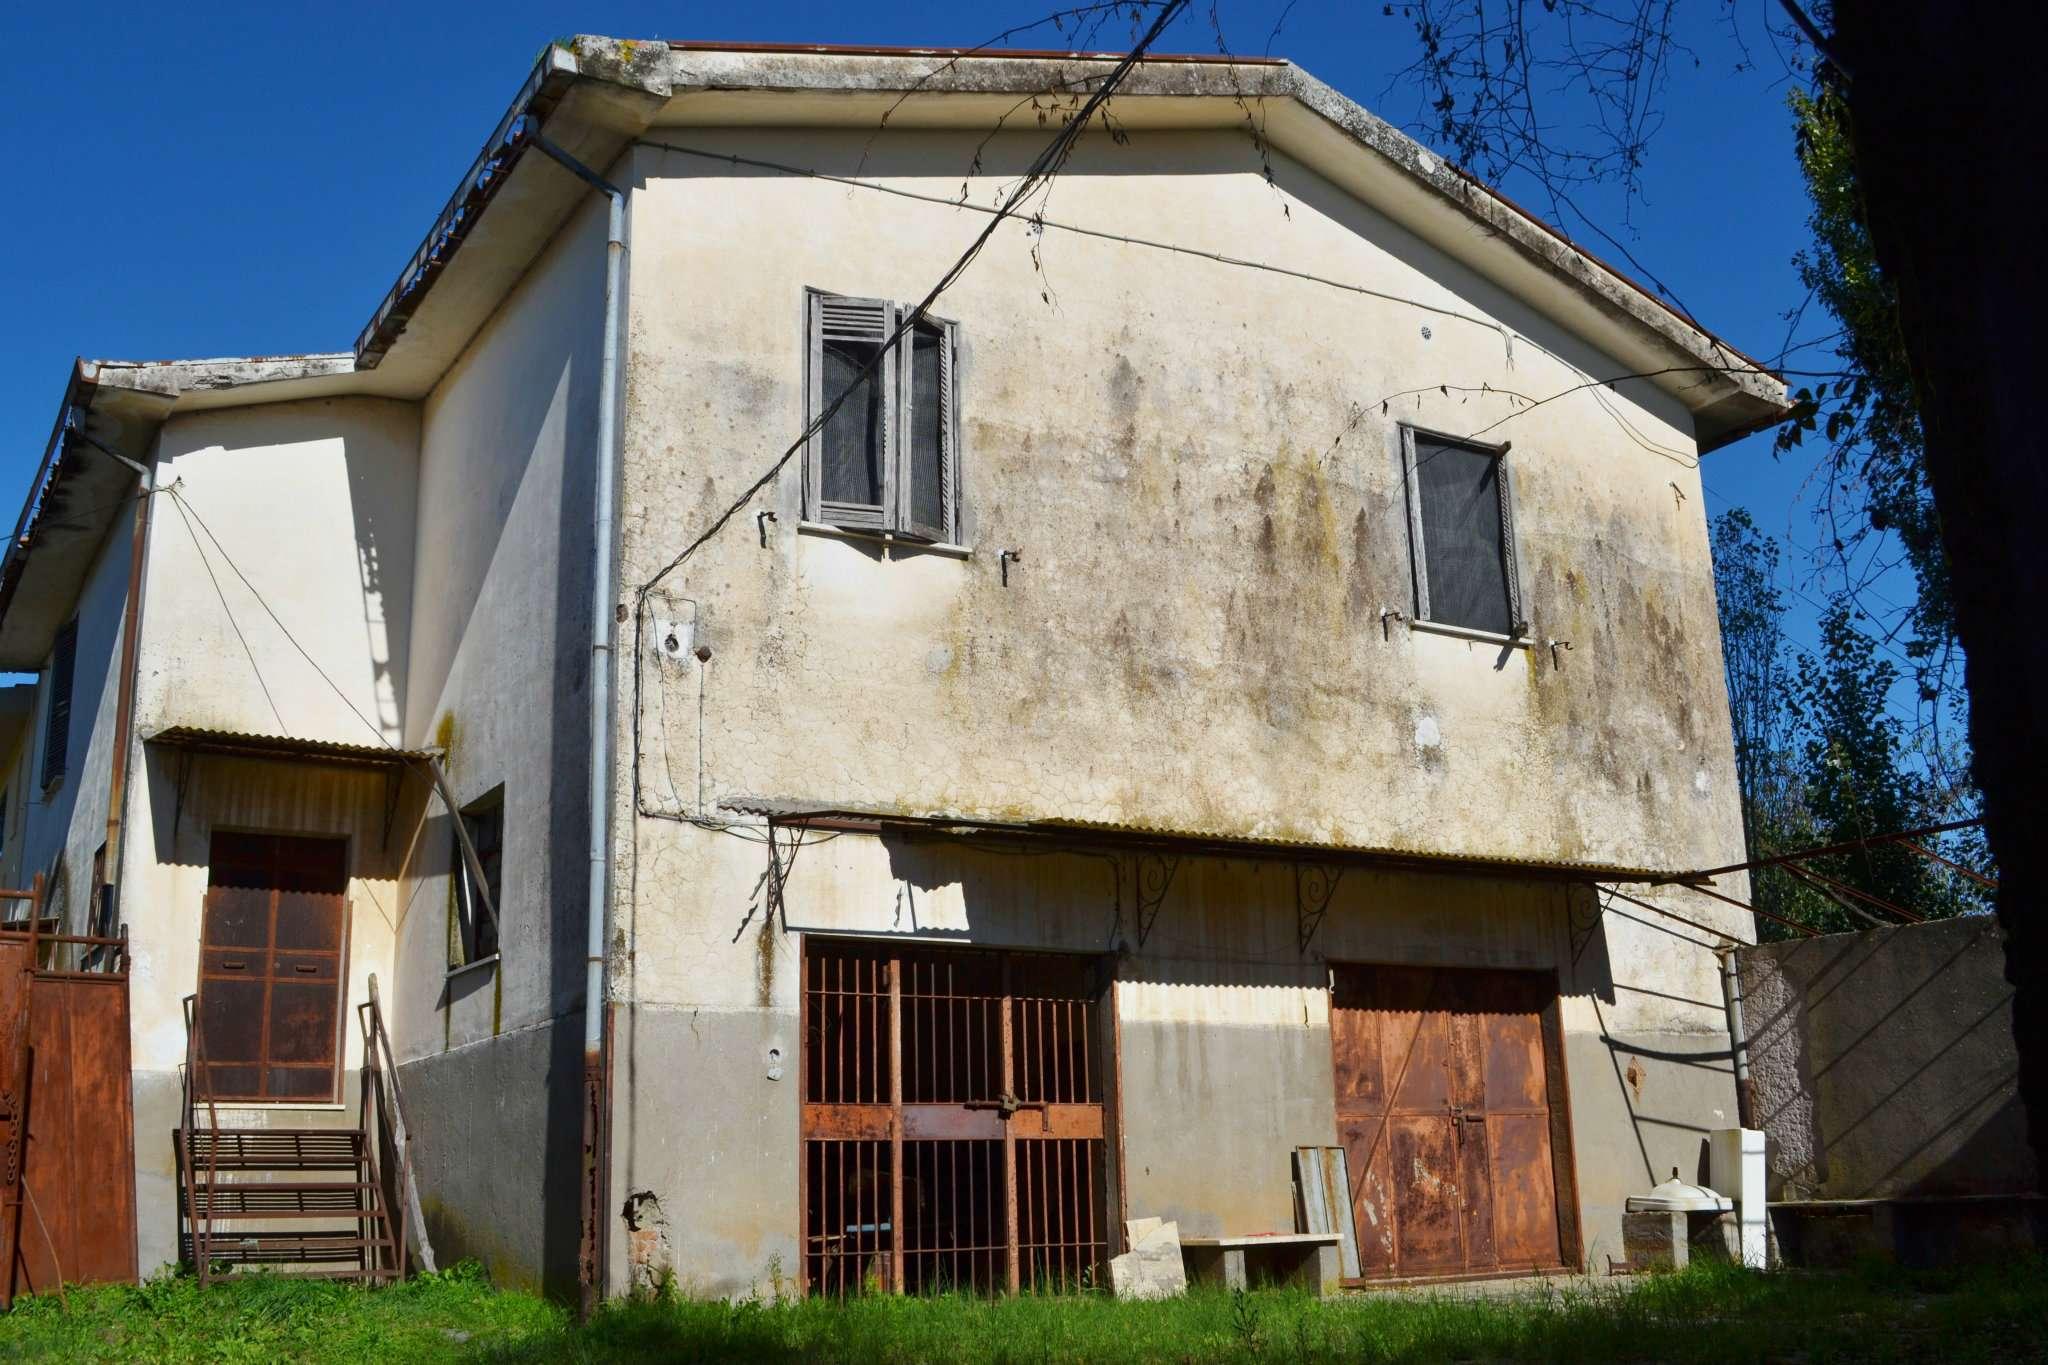 Rustico / Casale in vendita a Velletri, 7 locali, prezzo € 285.000 | Cambio Casa.it